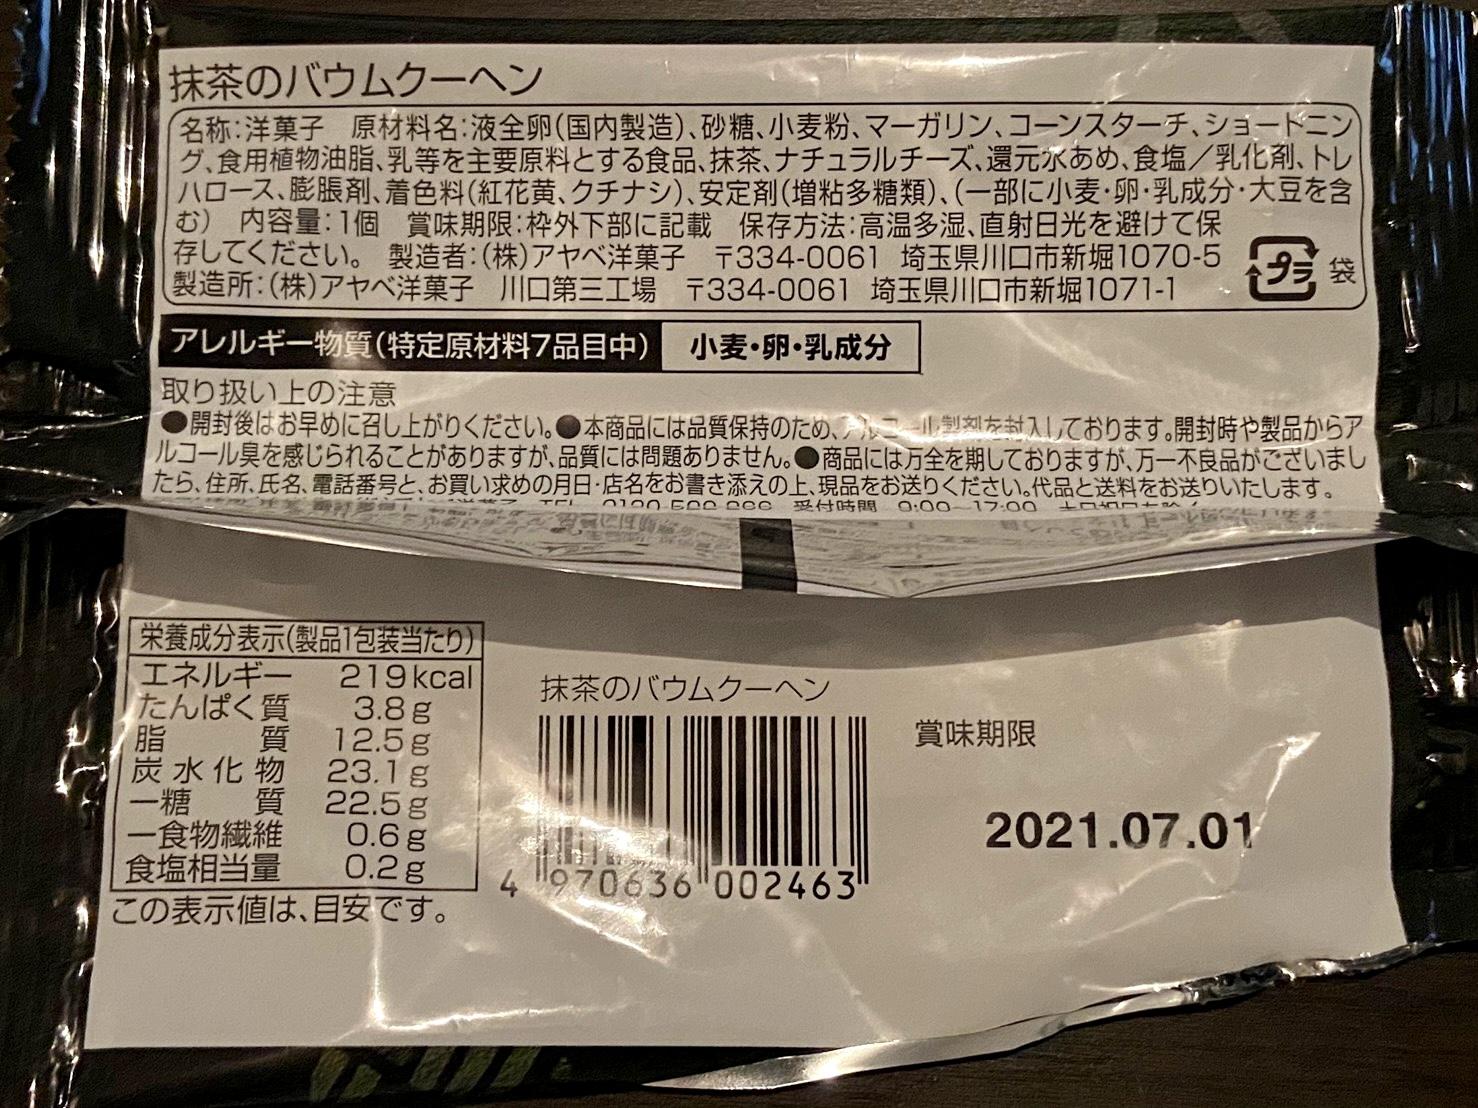 【新発売】抹茶焼き菓子3種食べ比べ!ファミマの宇治抹茶づくしレポ第2弾【食レポ】_12